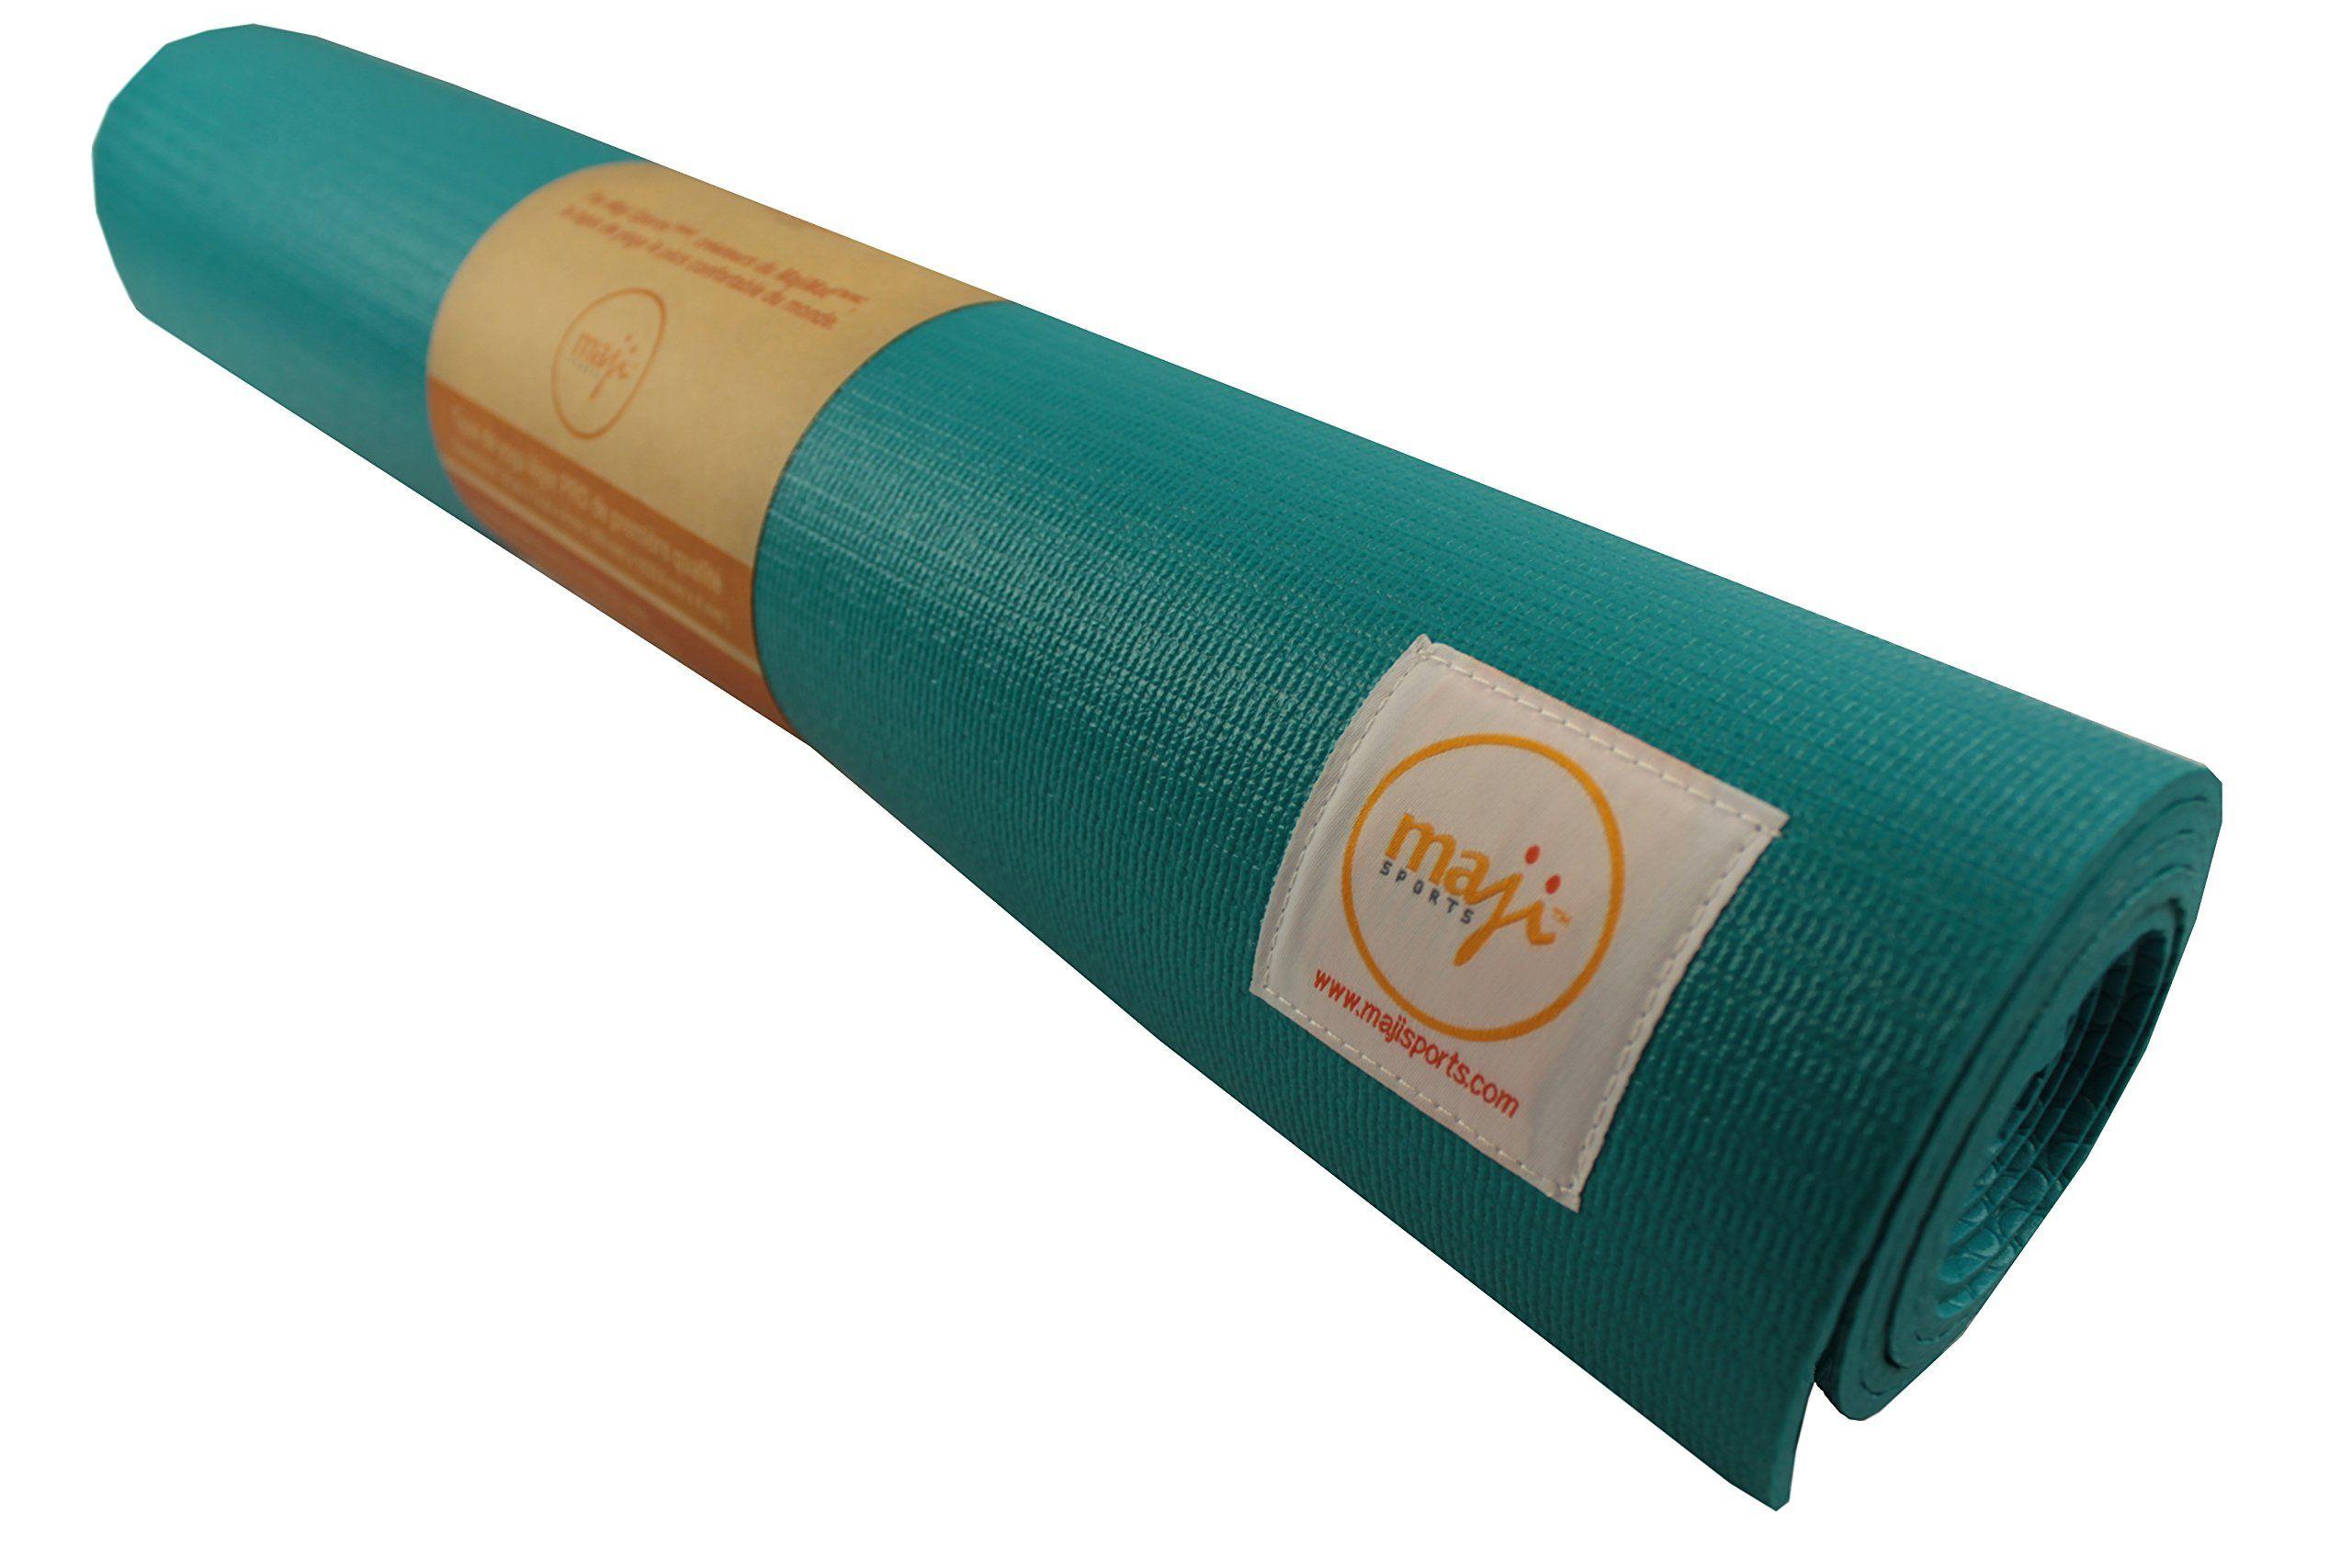 yoga ca product uluwatu combo lifestyle bikram mats mat